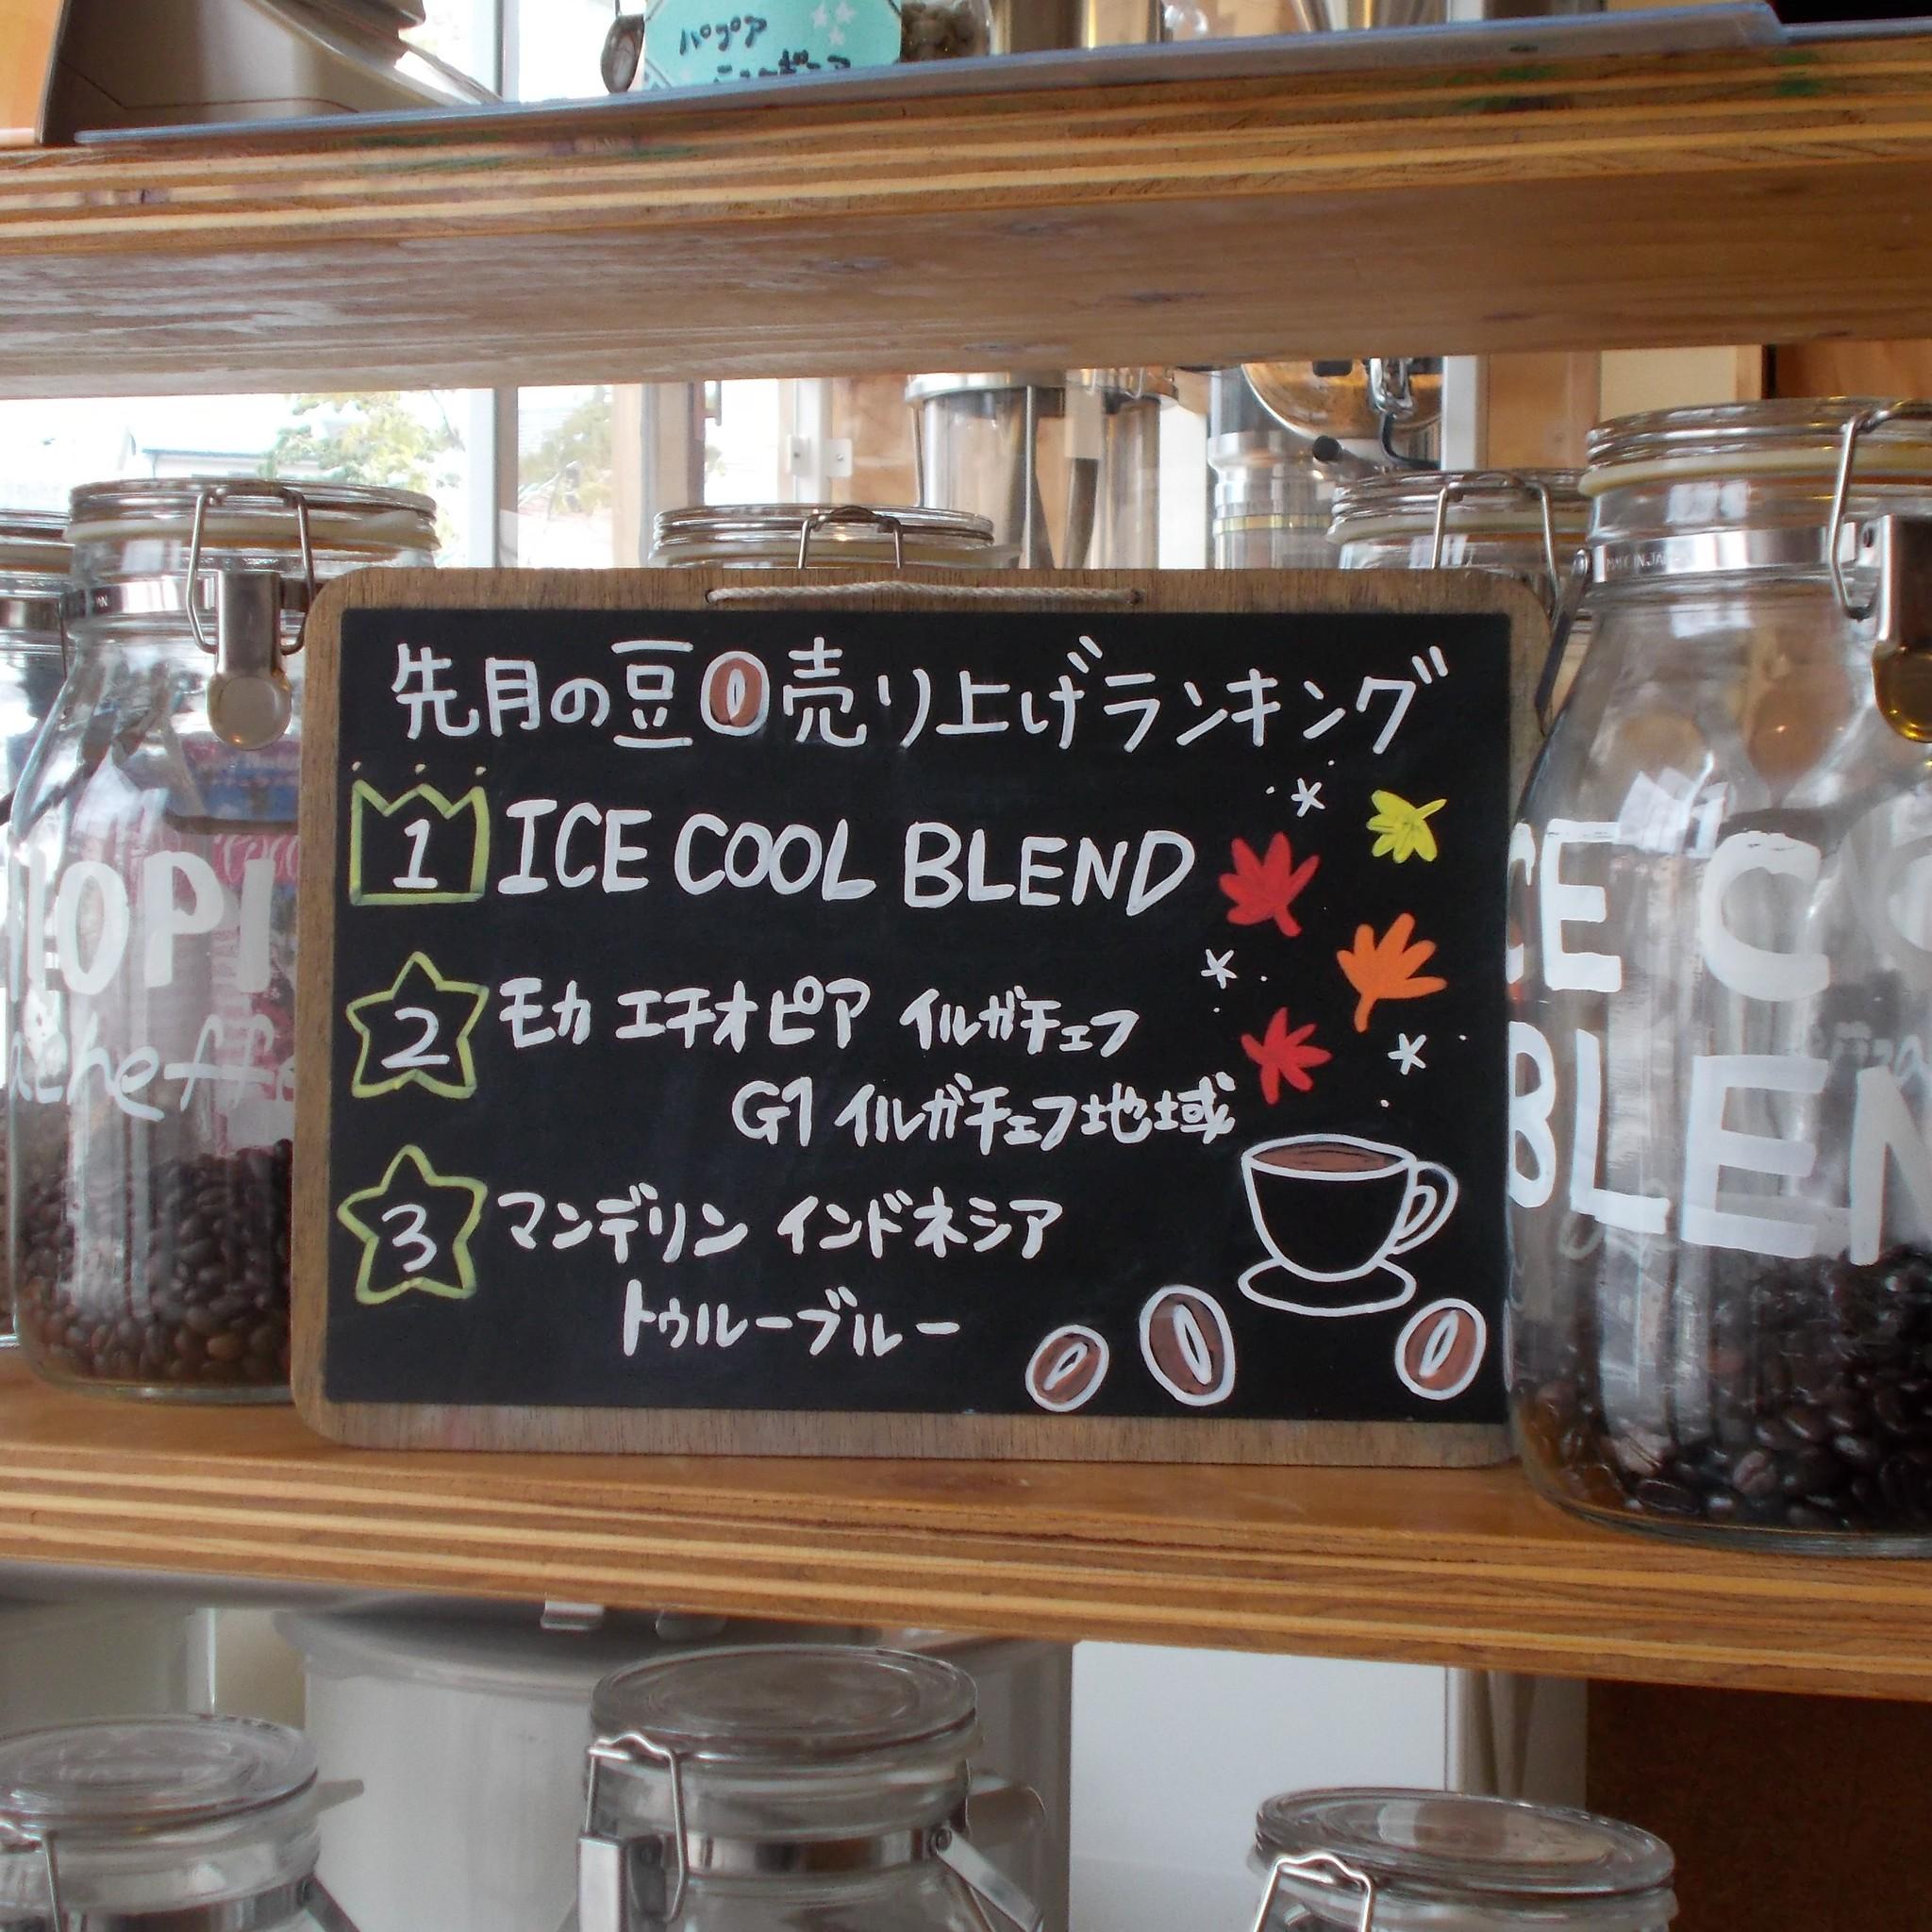 【先月のスペシャルティコーヒーの人気ランキング】